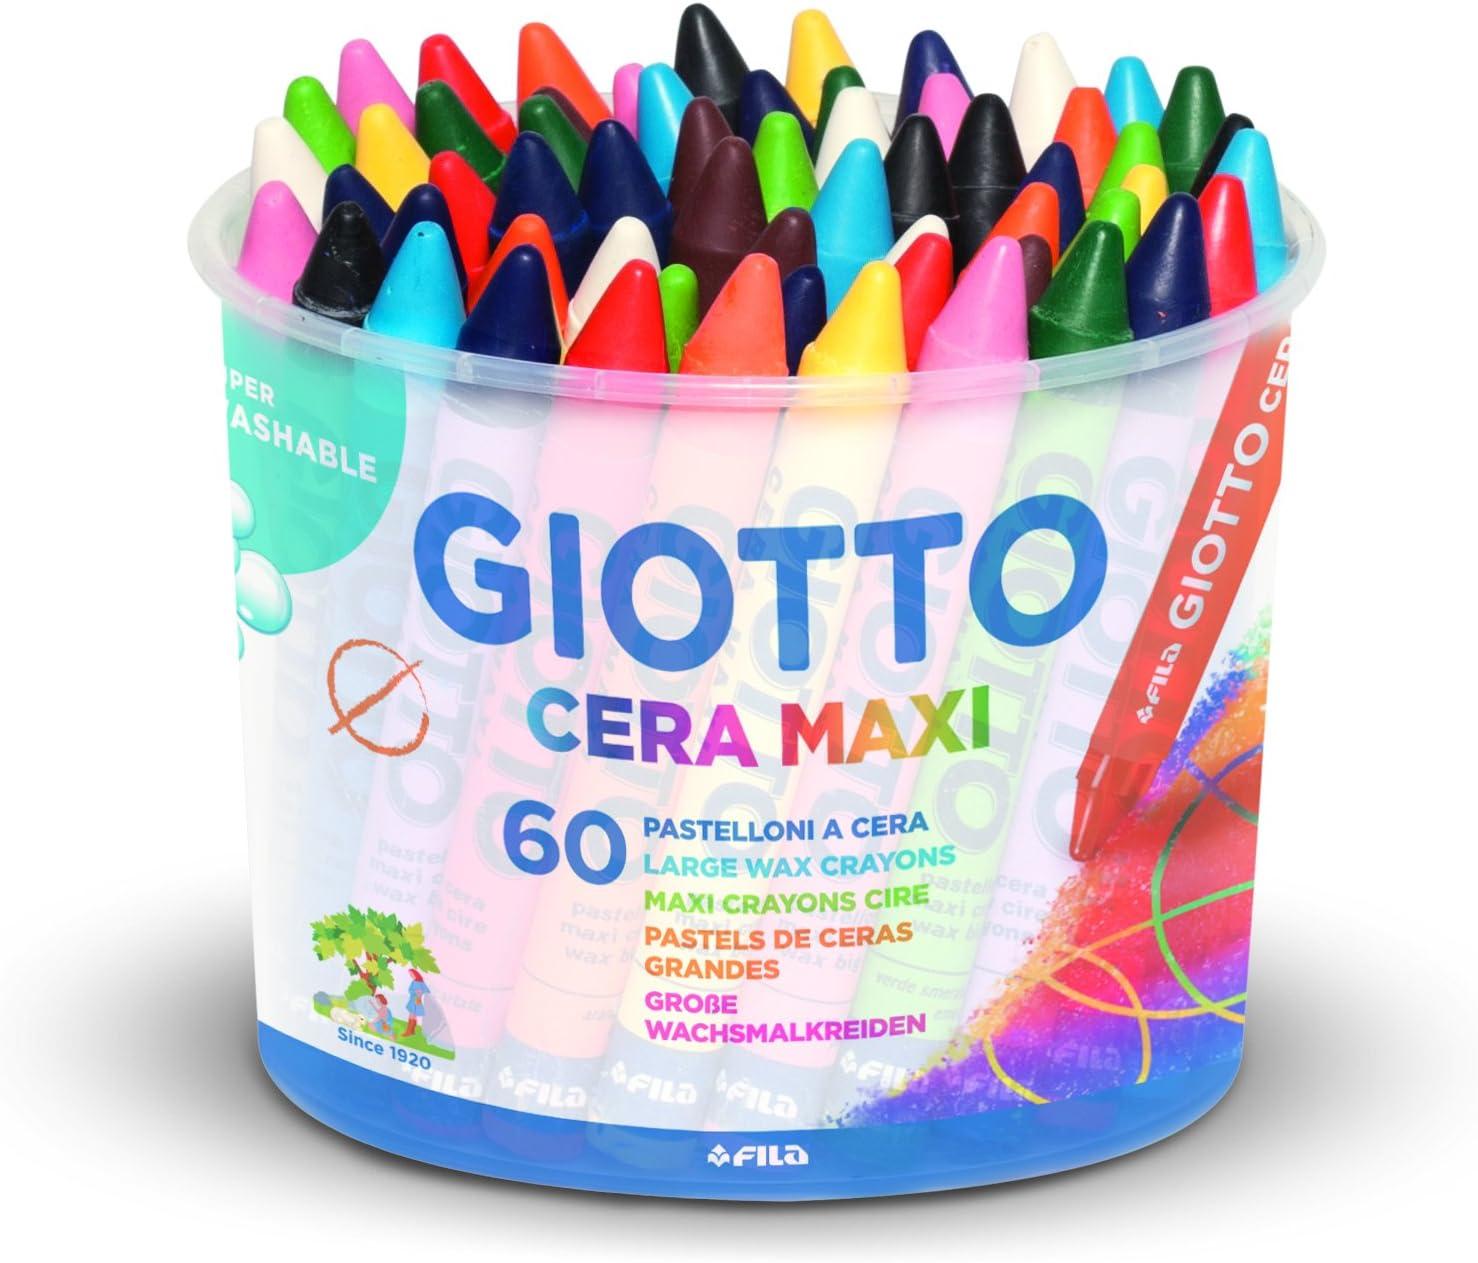 Giotto Cera Maxi - tizas, 60 piezas, colores surtidos: Amazon.es: Oficina y papelería